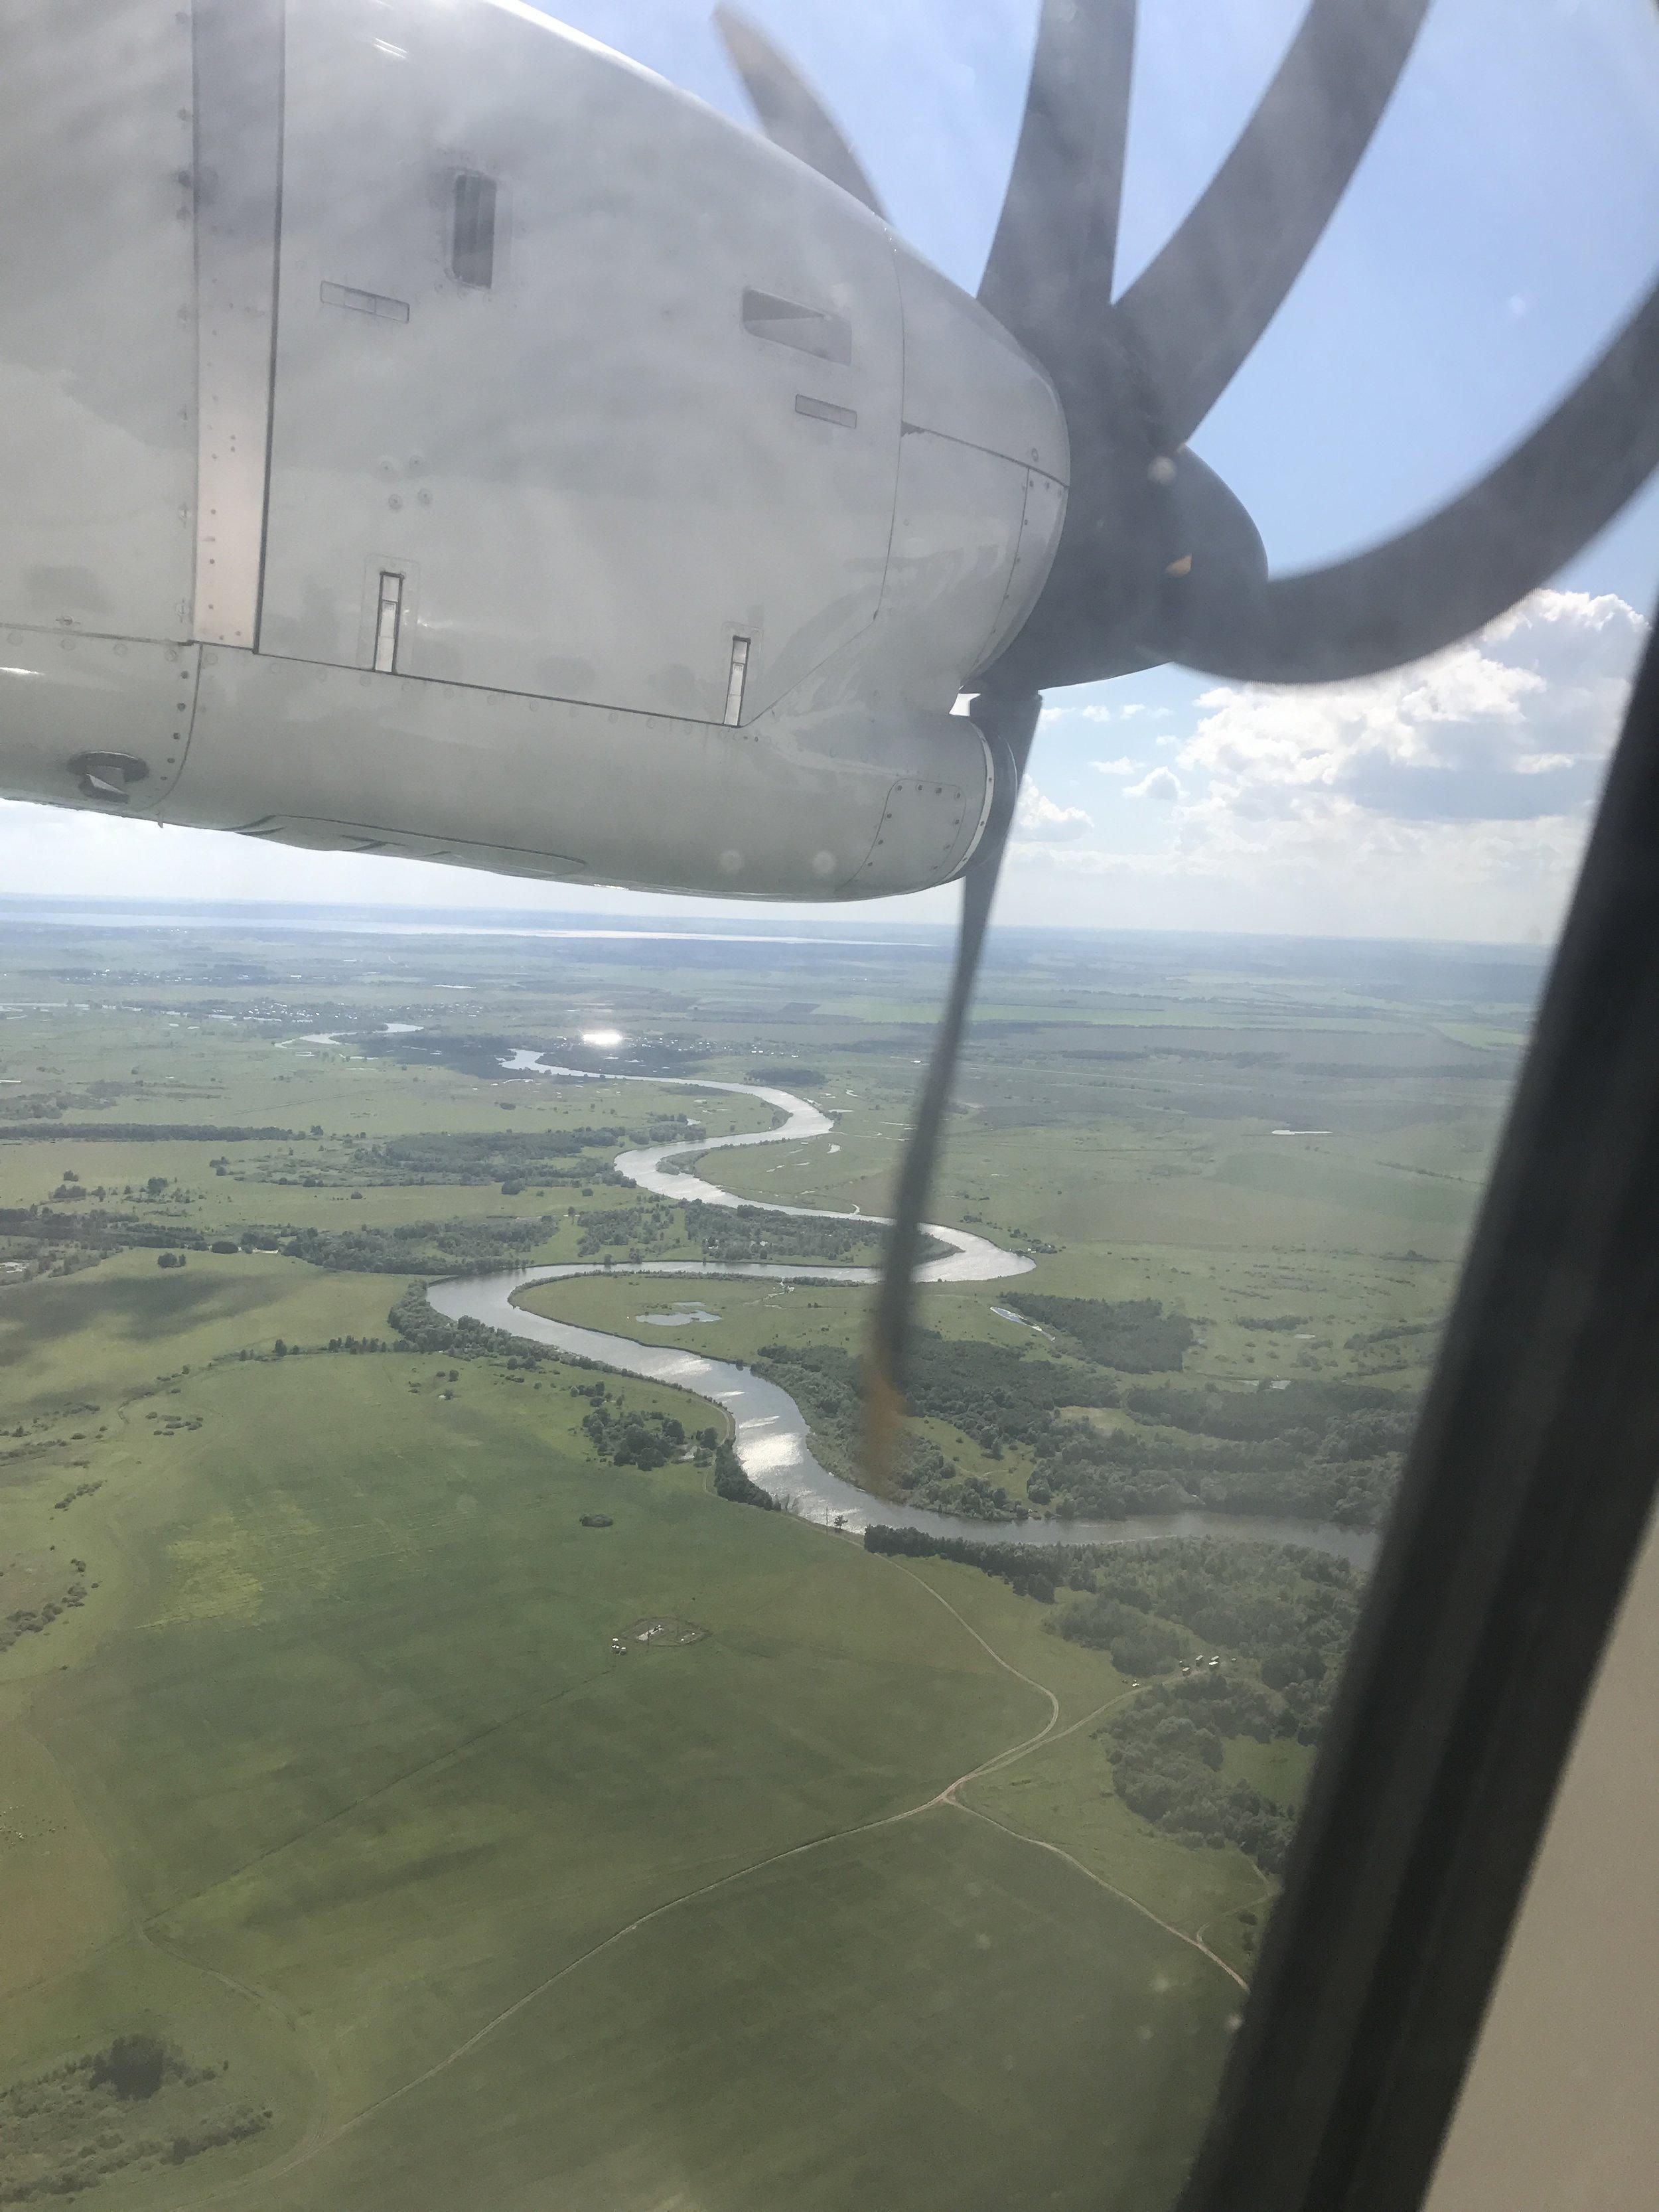 الطائرة التي أقلتني من أوفا إلى كازان كانت ذو محركات خارجية